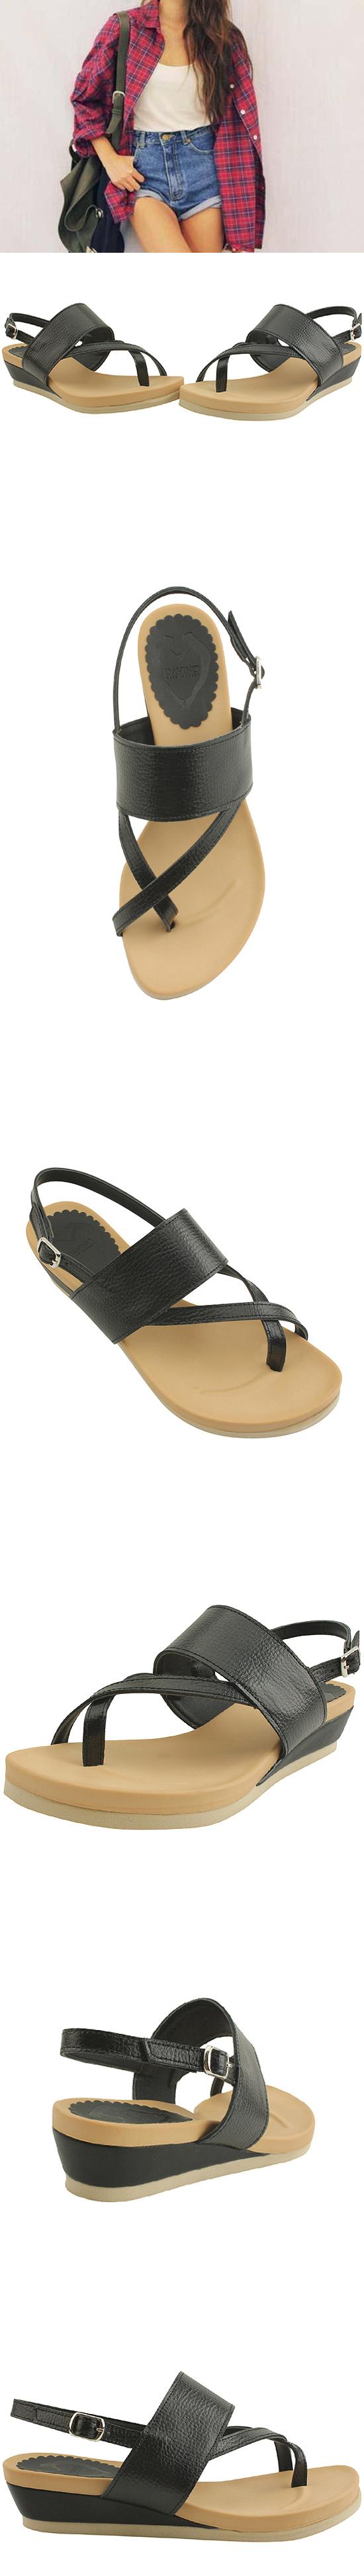 Cowhide Heel Wedge Low Heel Sandals Black